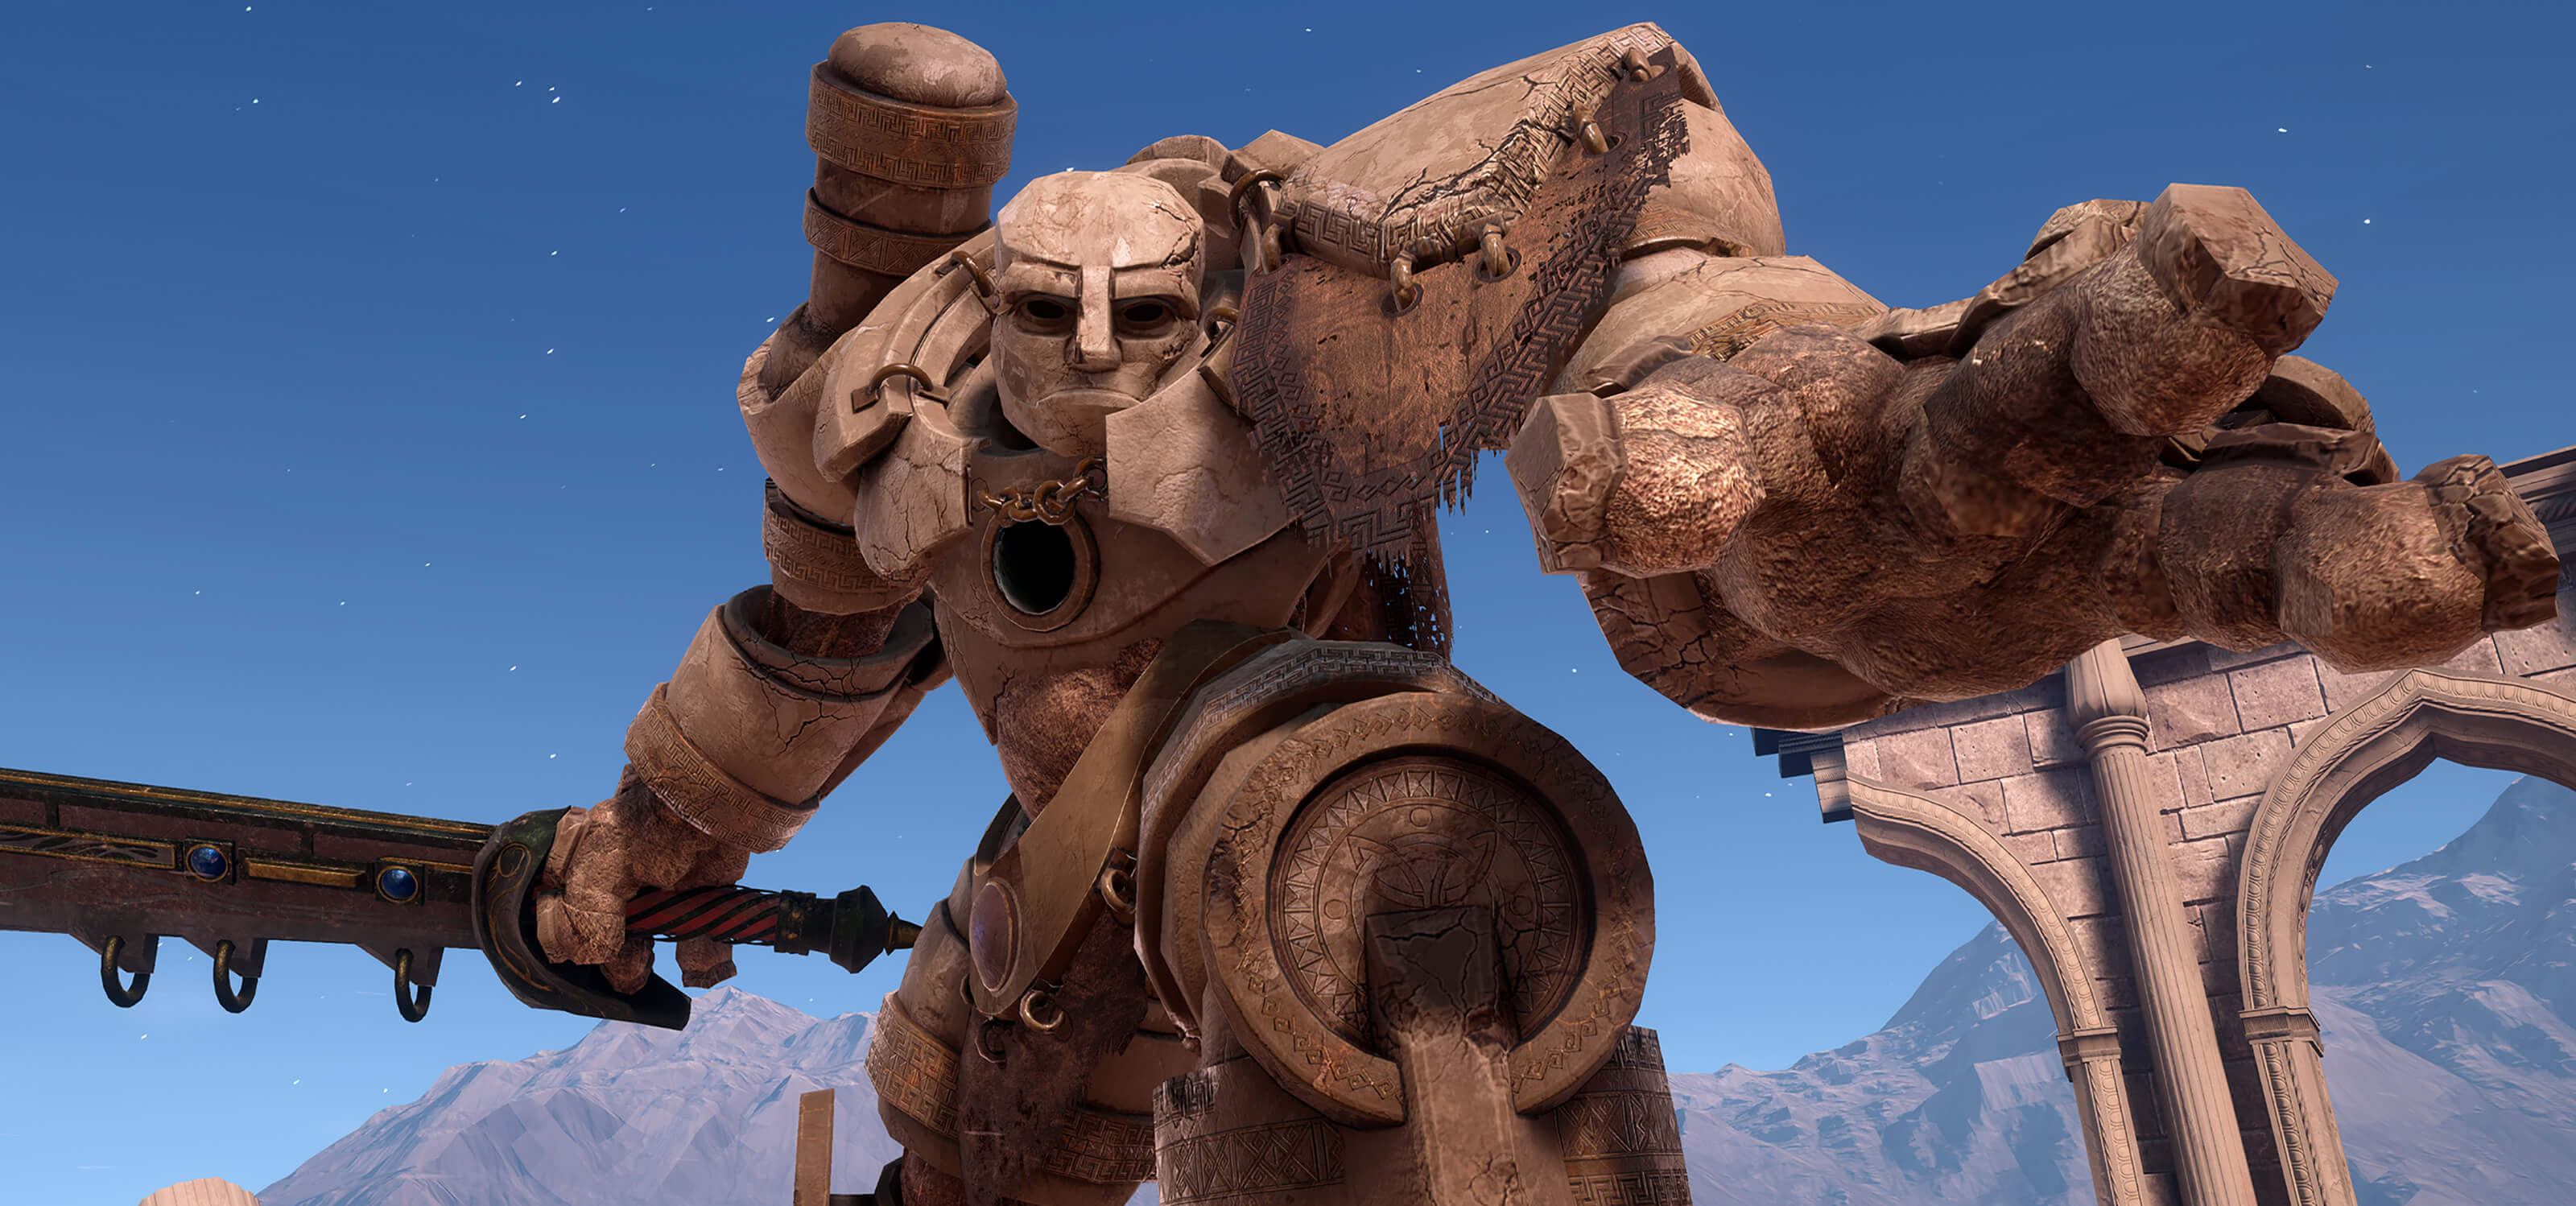 Screenshot of a huge stone creature called a golem wielding a sword